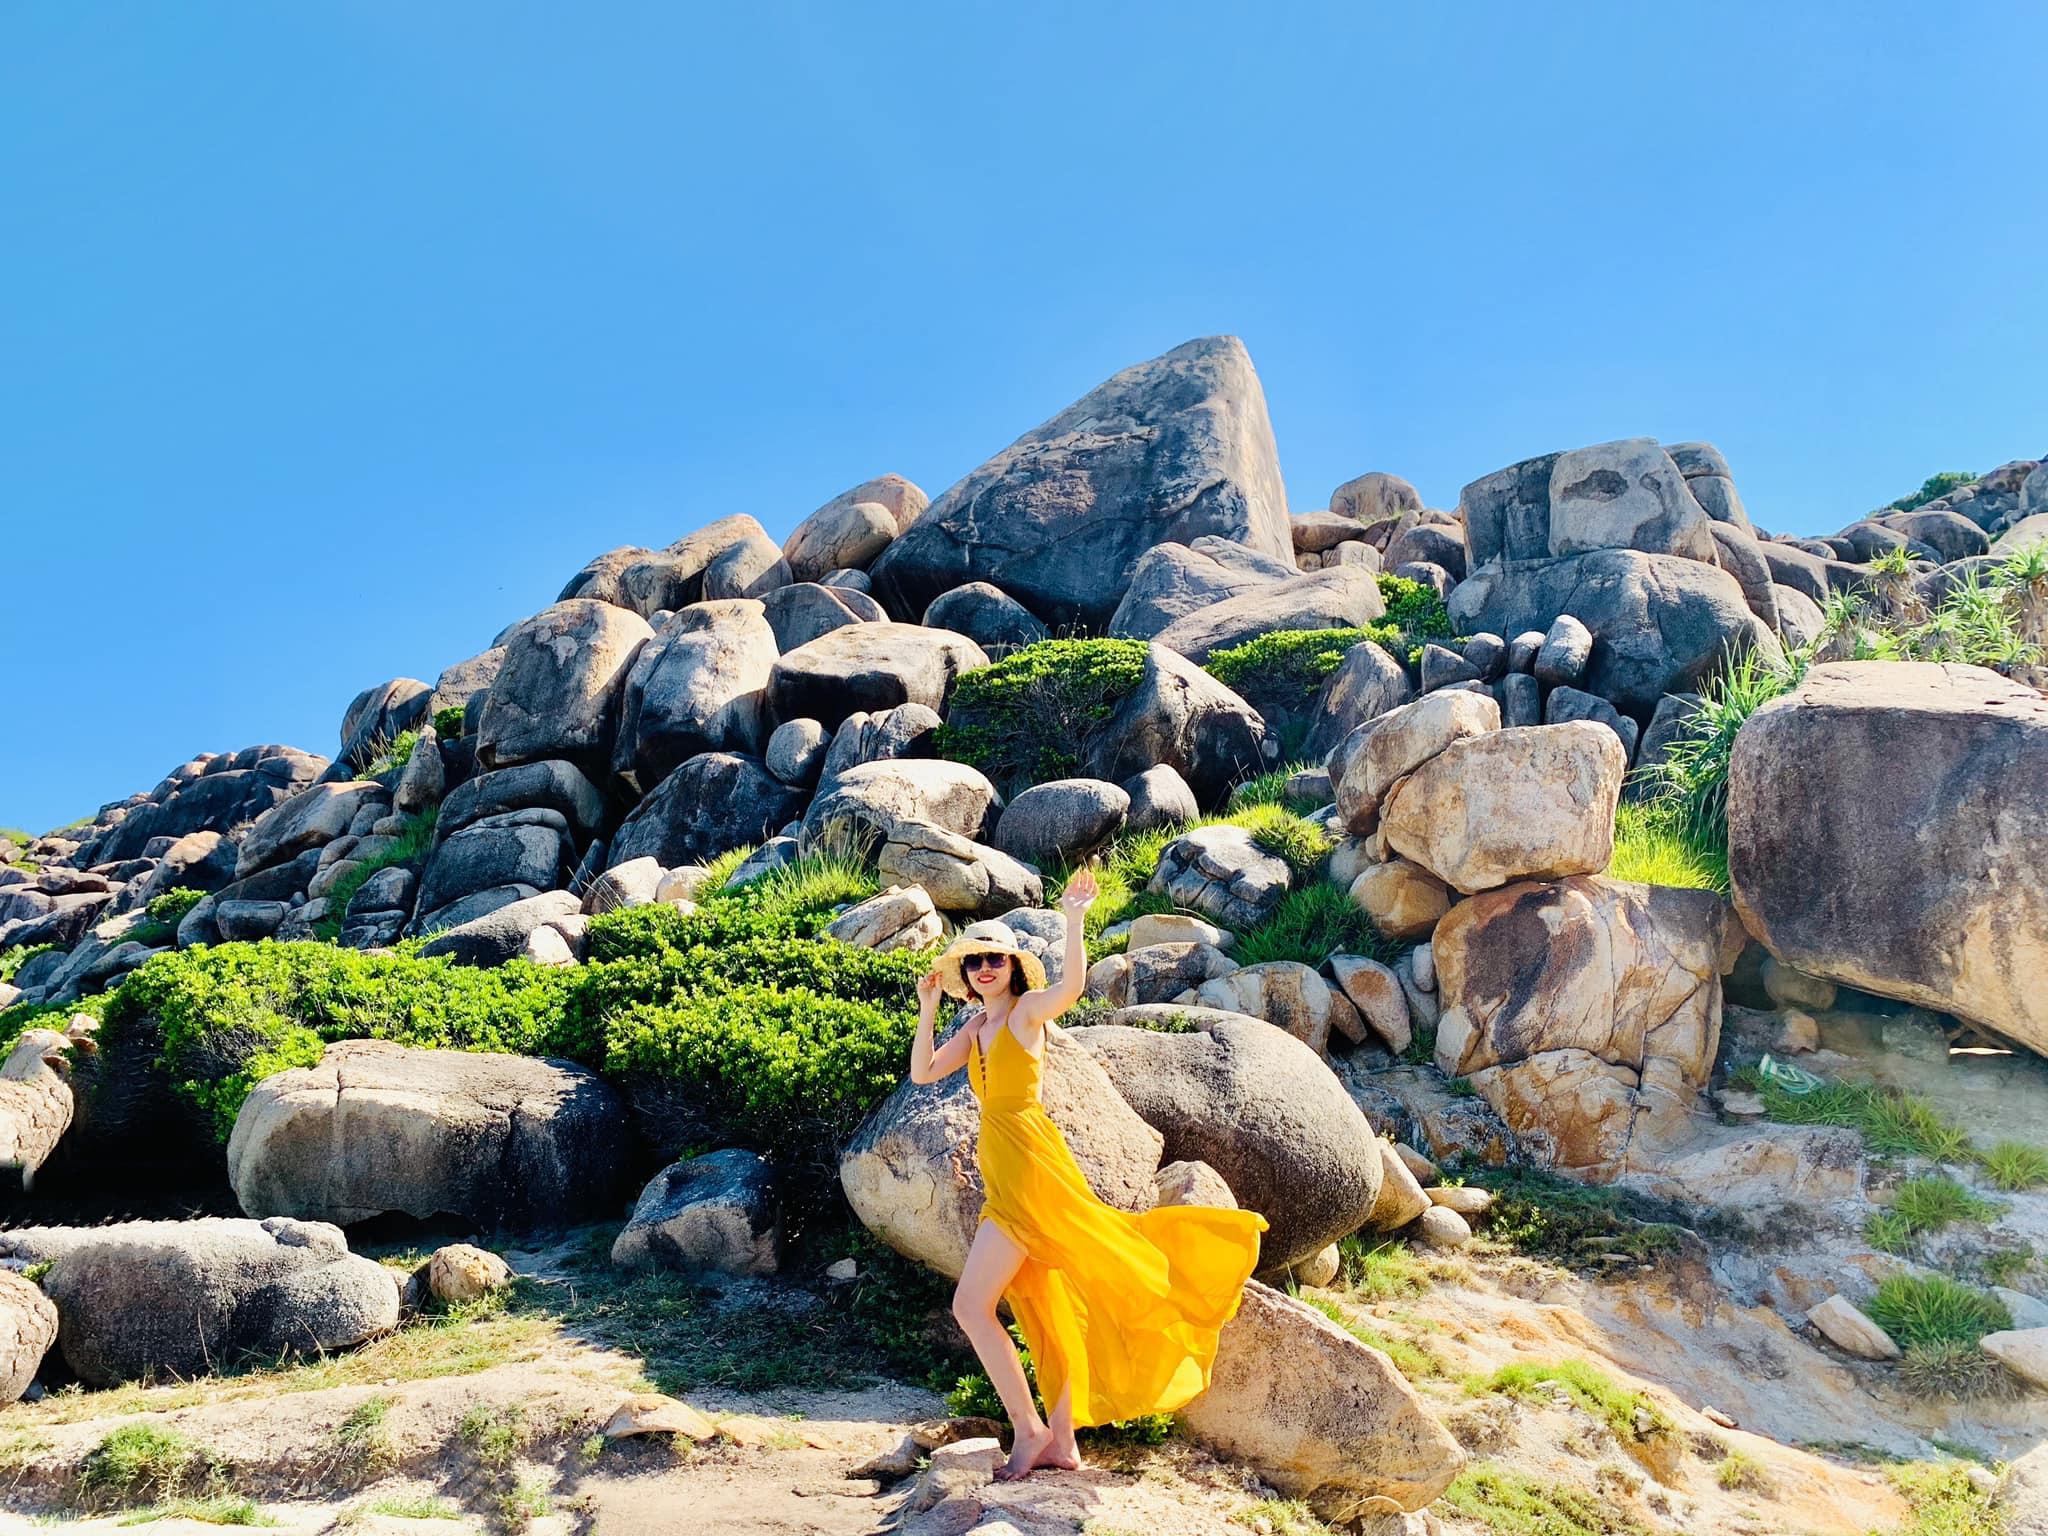 Du lịch Cù Lao Xanh Quy Nhơn - Khám phá 'đường đi nước bước' chi tiết trong mùa hè này - Ảnh 14.